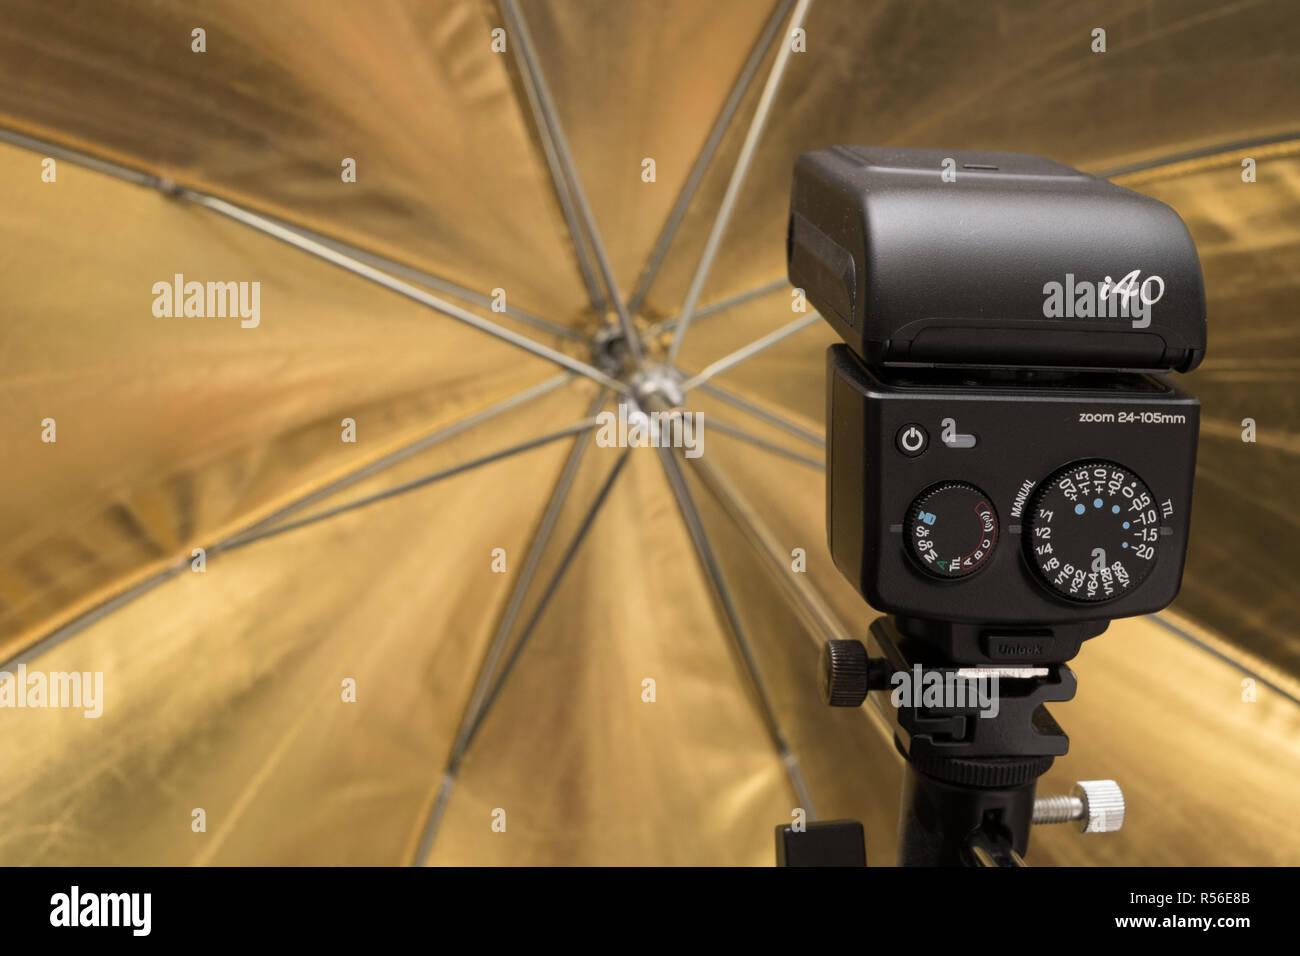 Nissin I40 flashgun - Stock Image